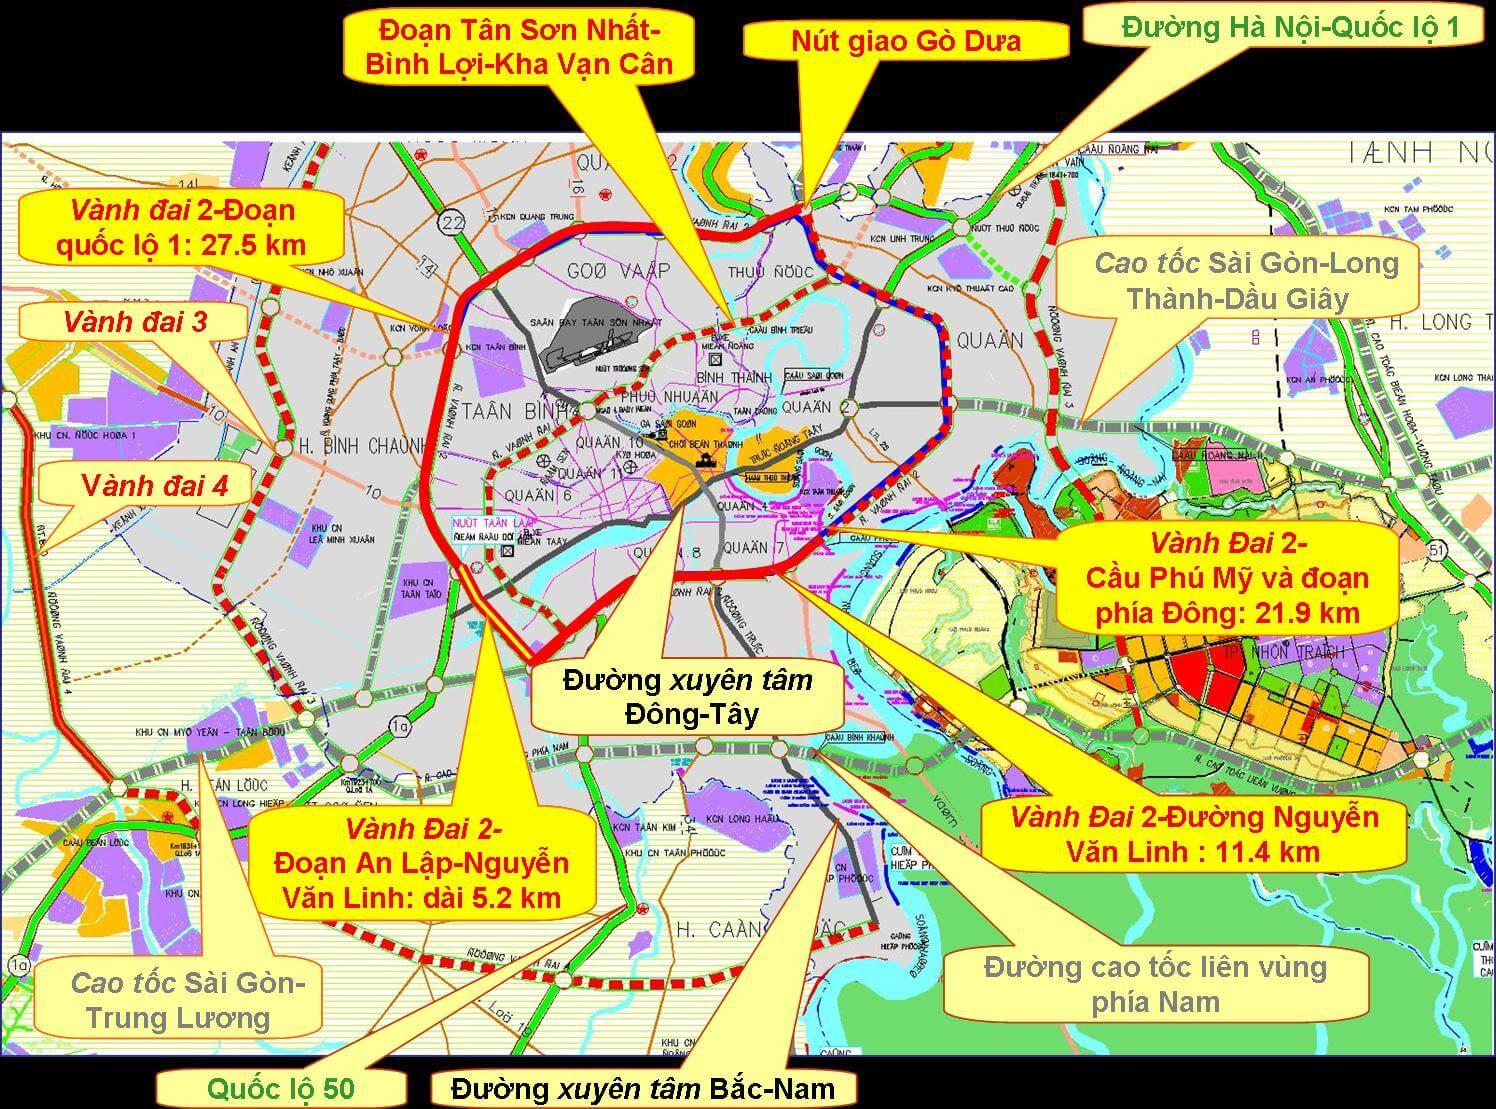 Cập nhật tiến độ đường Vành Đai 3 - Quy hoạch đường Vành Đai mới